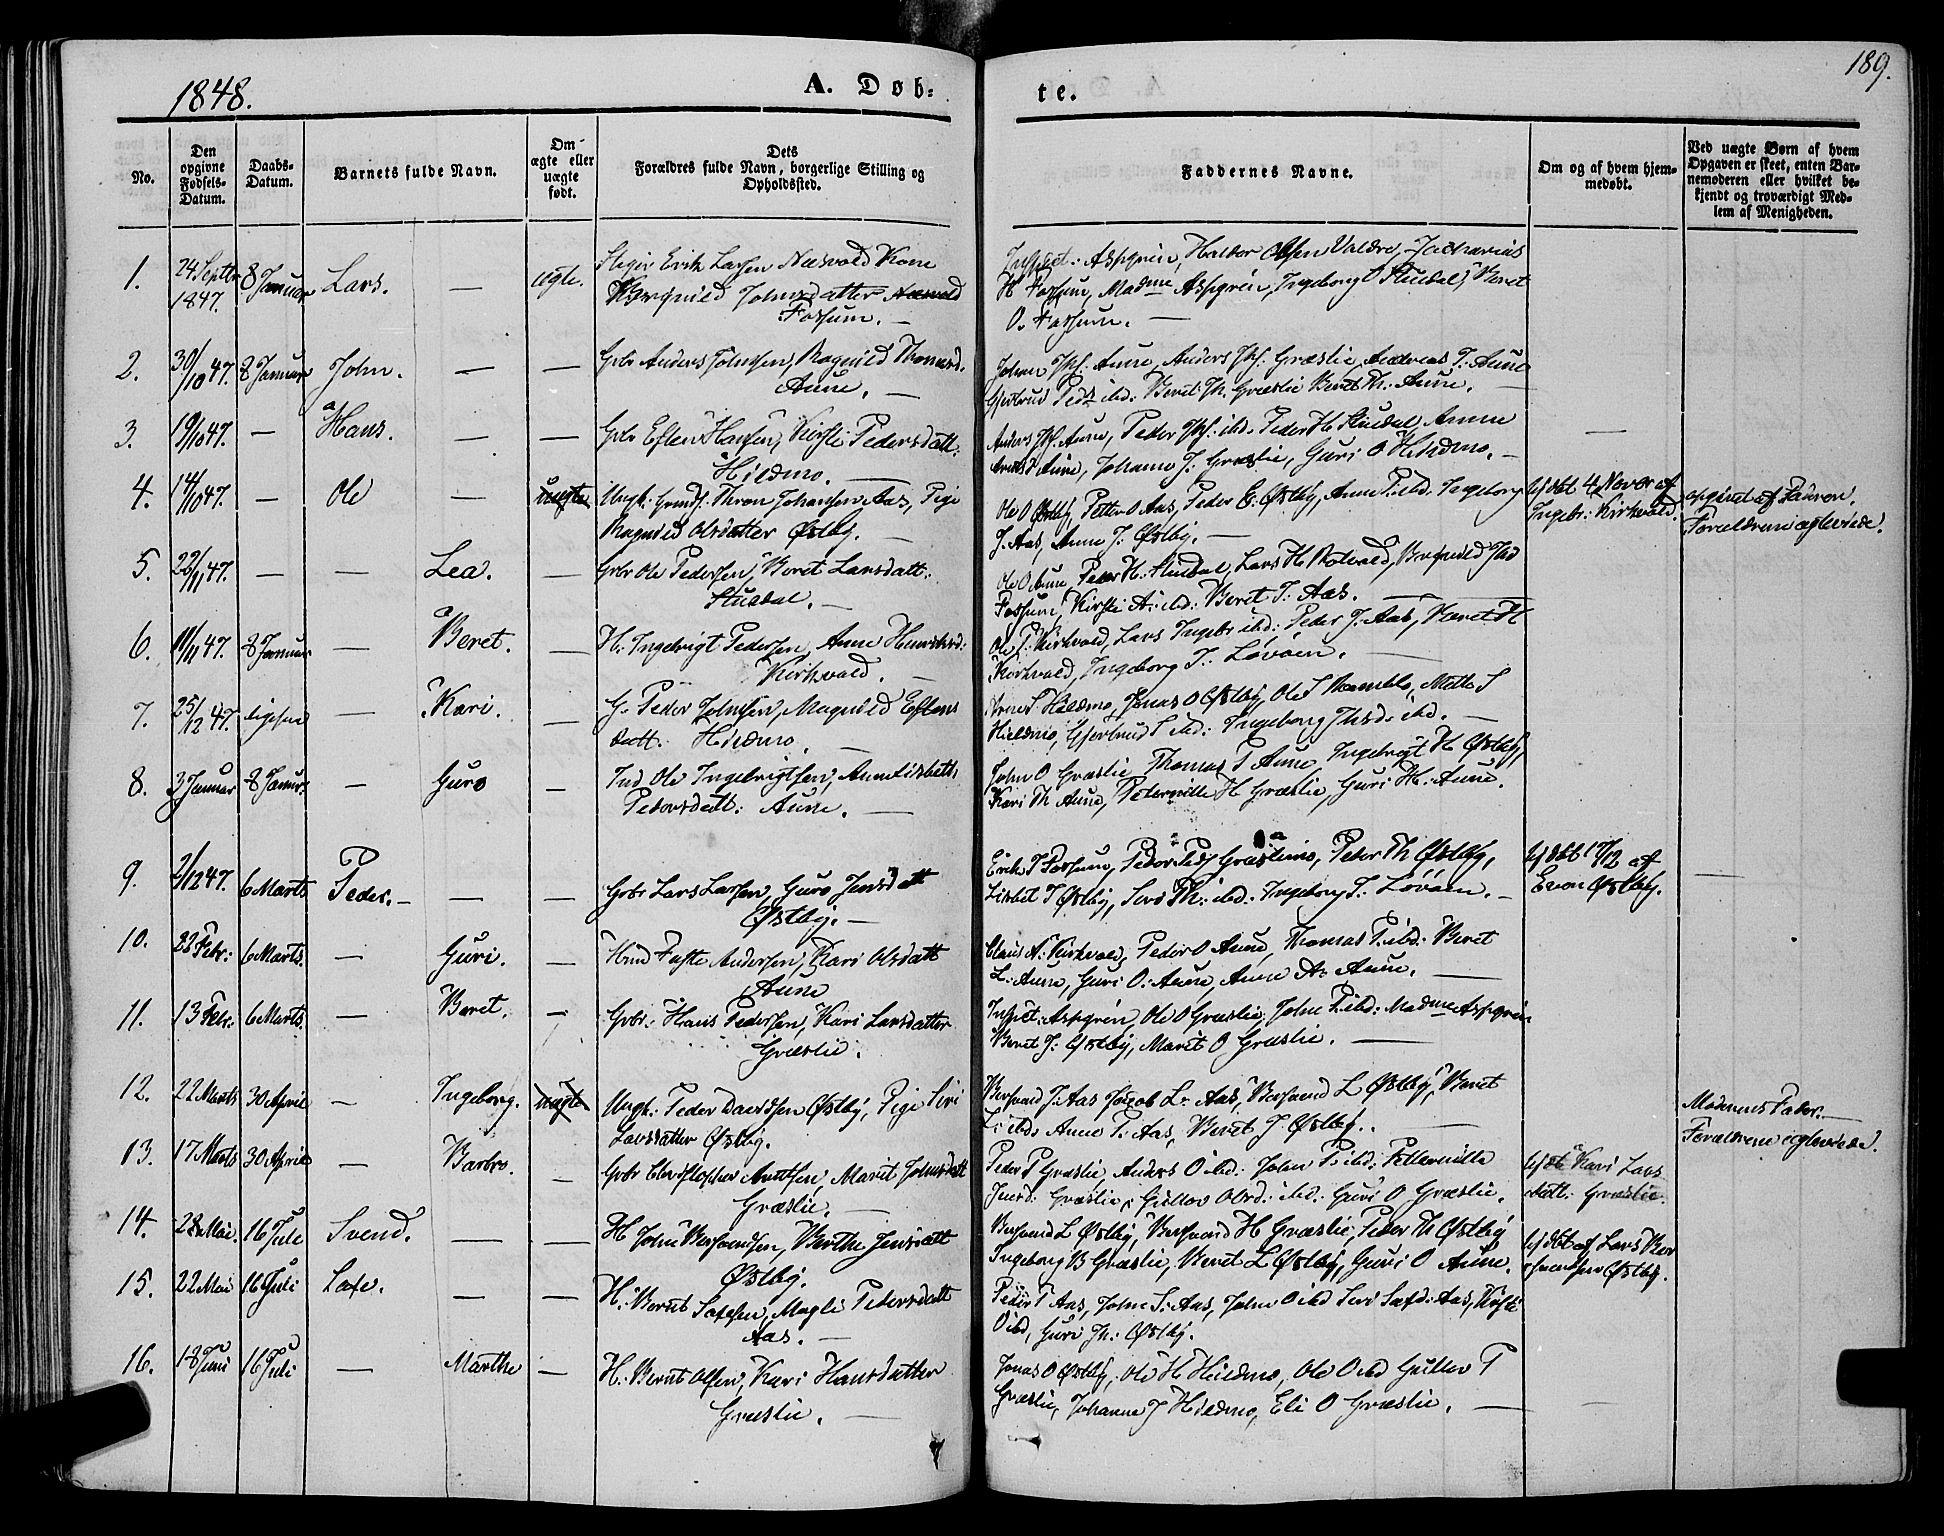 SAT, Ministerialprotokoller, klokkerbøker og fødselsregistre - Sør-Trøndelag, 695/L1146: Ministerialbok nr. 695A06 /2, 1843-1859, s. 189